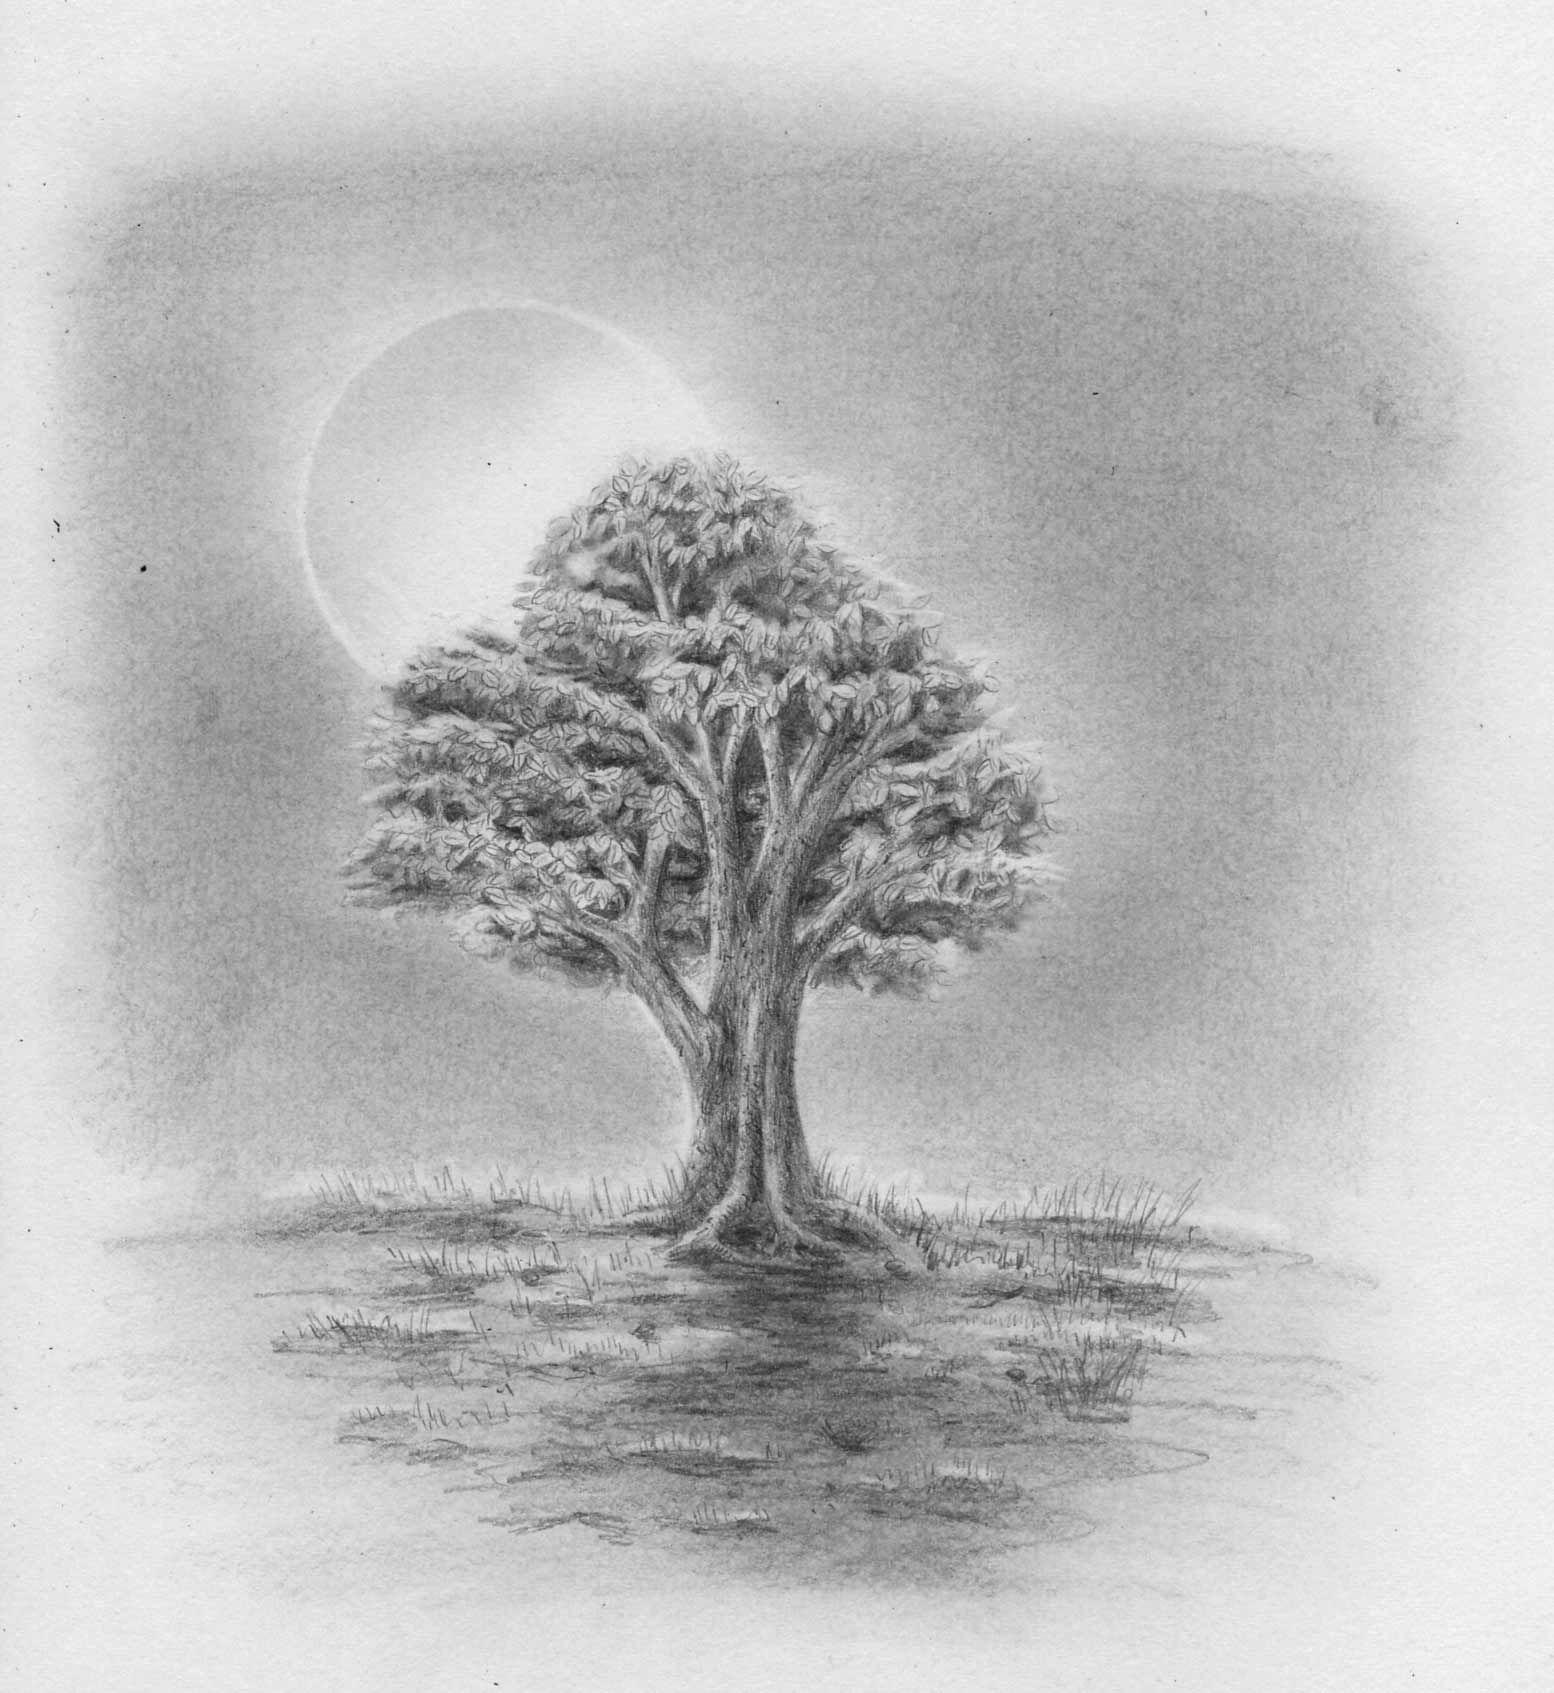 Zeichnen Lernen - Baum Laubbaum Blätter Stamm Blattwerk in Einfache Landschaften Zeichnen